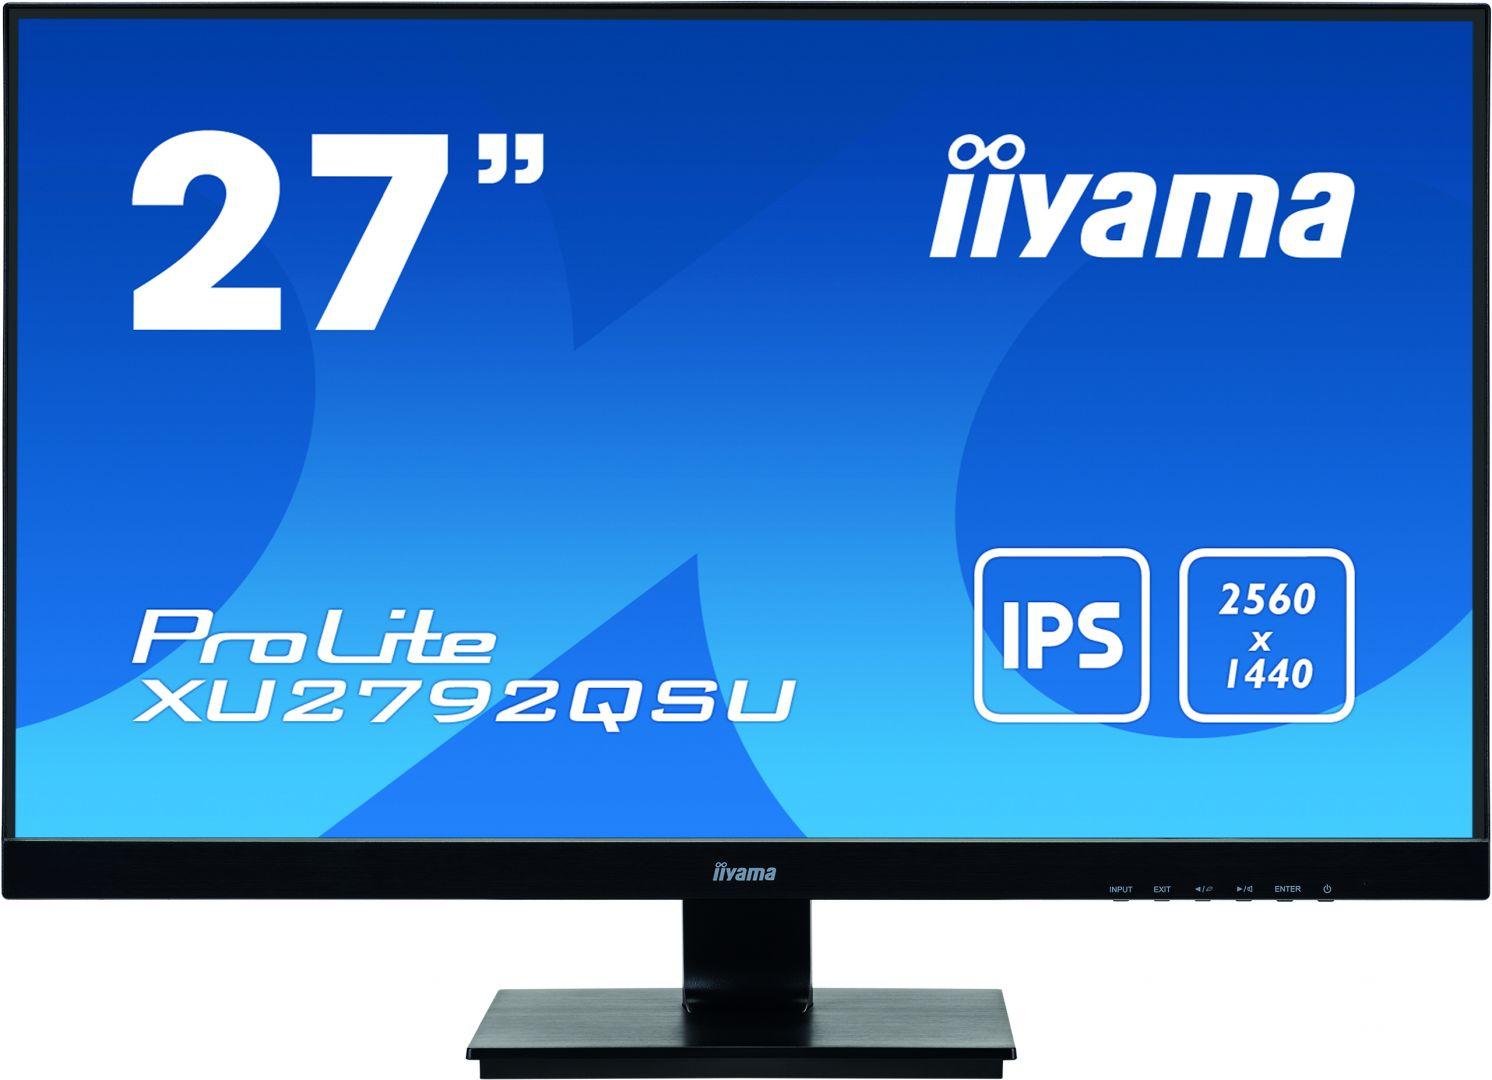 iiyama 27 ProLite XU2792QSU-B1 IPS LED (XU2792QSU-B1)